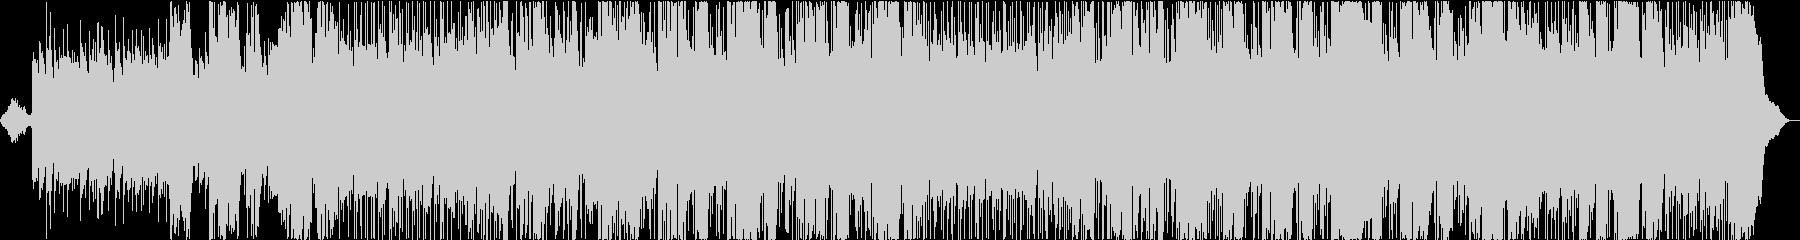 アコギ&伸びやかな男性Voバラードの未再生の波形